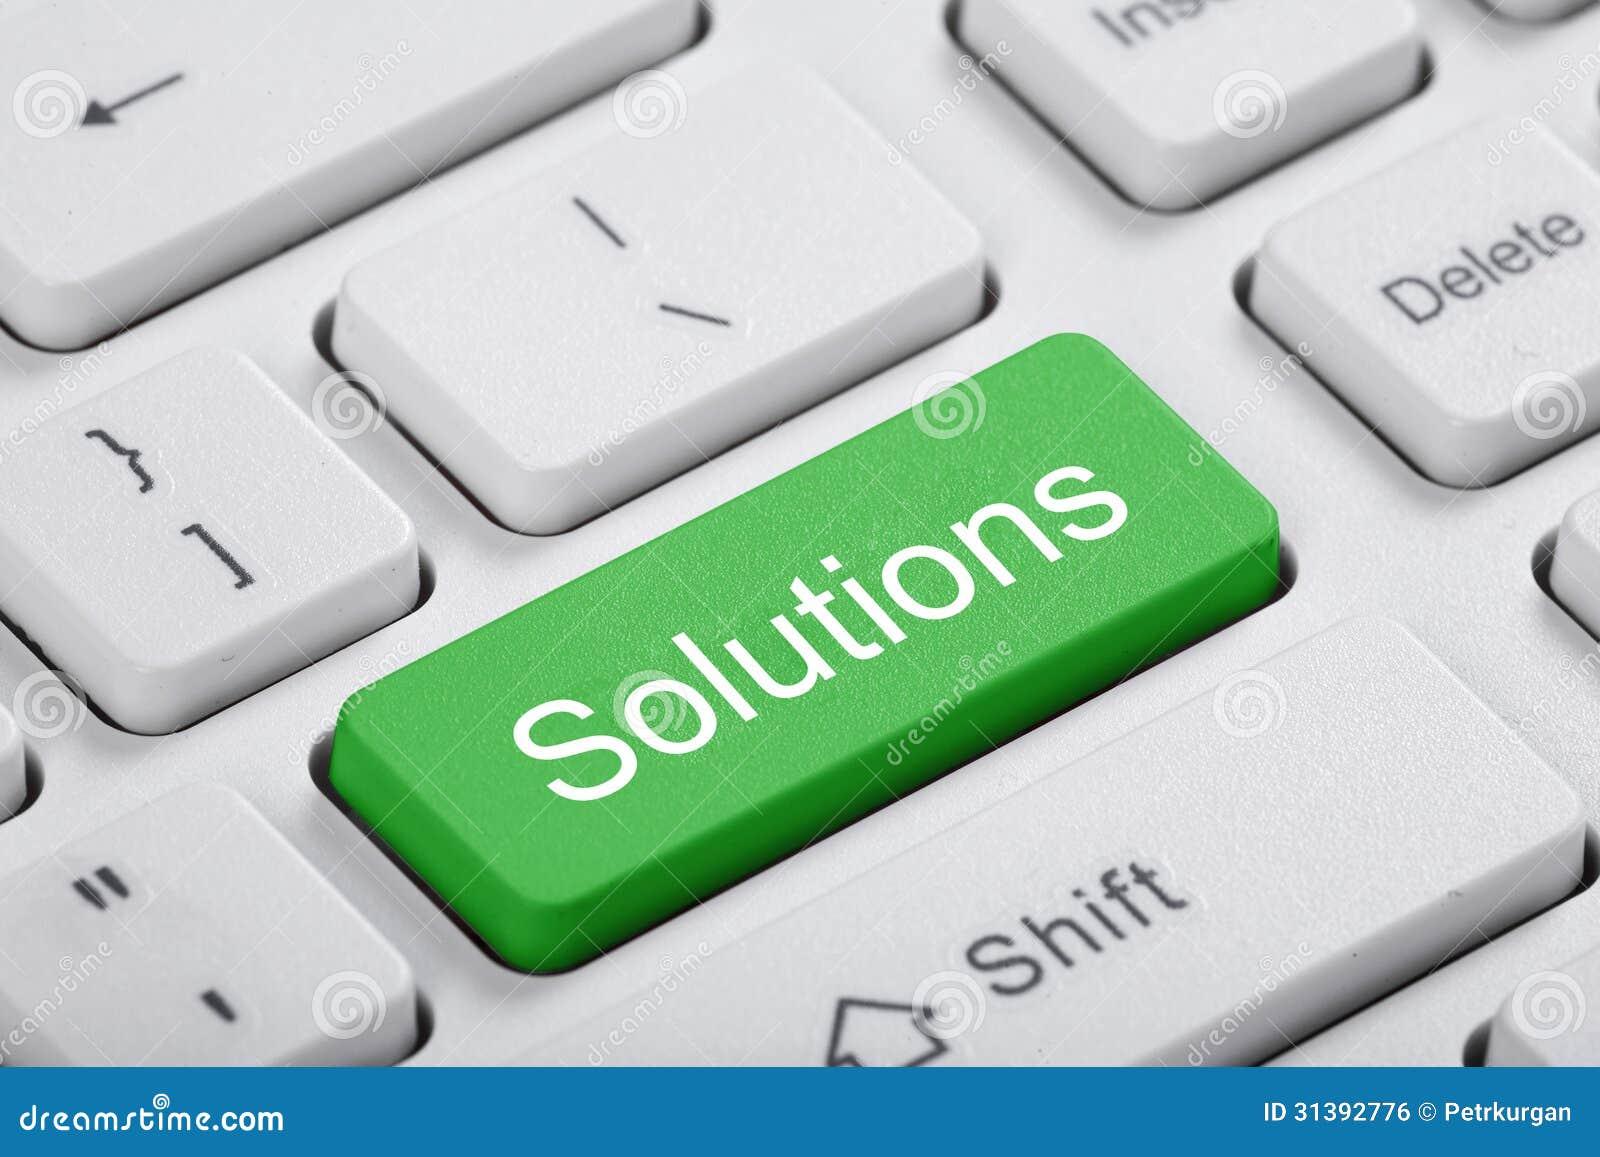 Chave verde do computador. Soluções